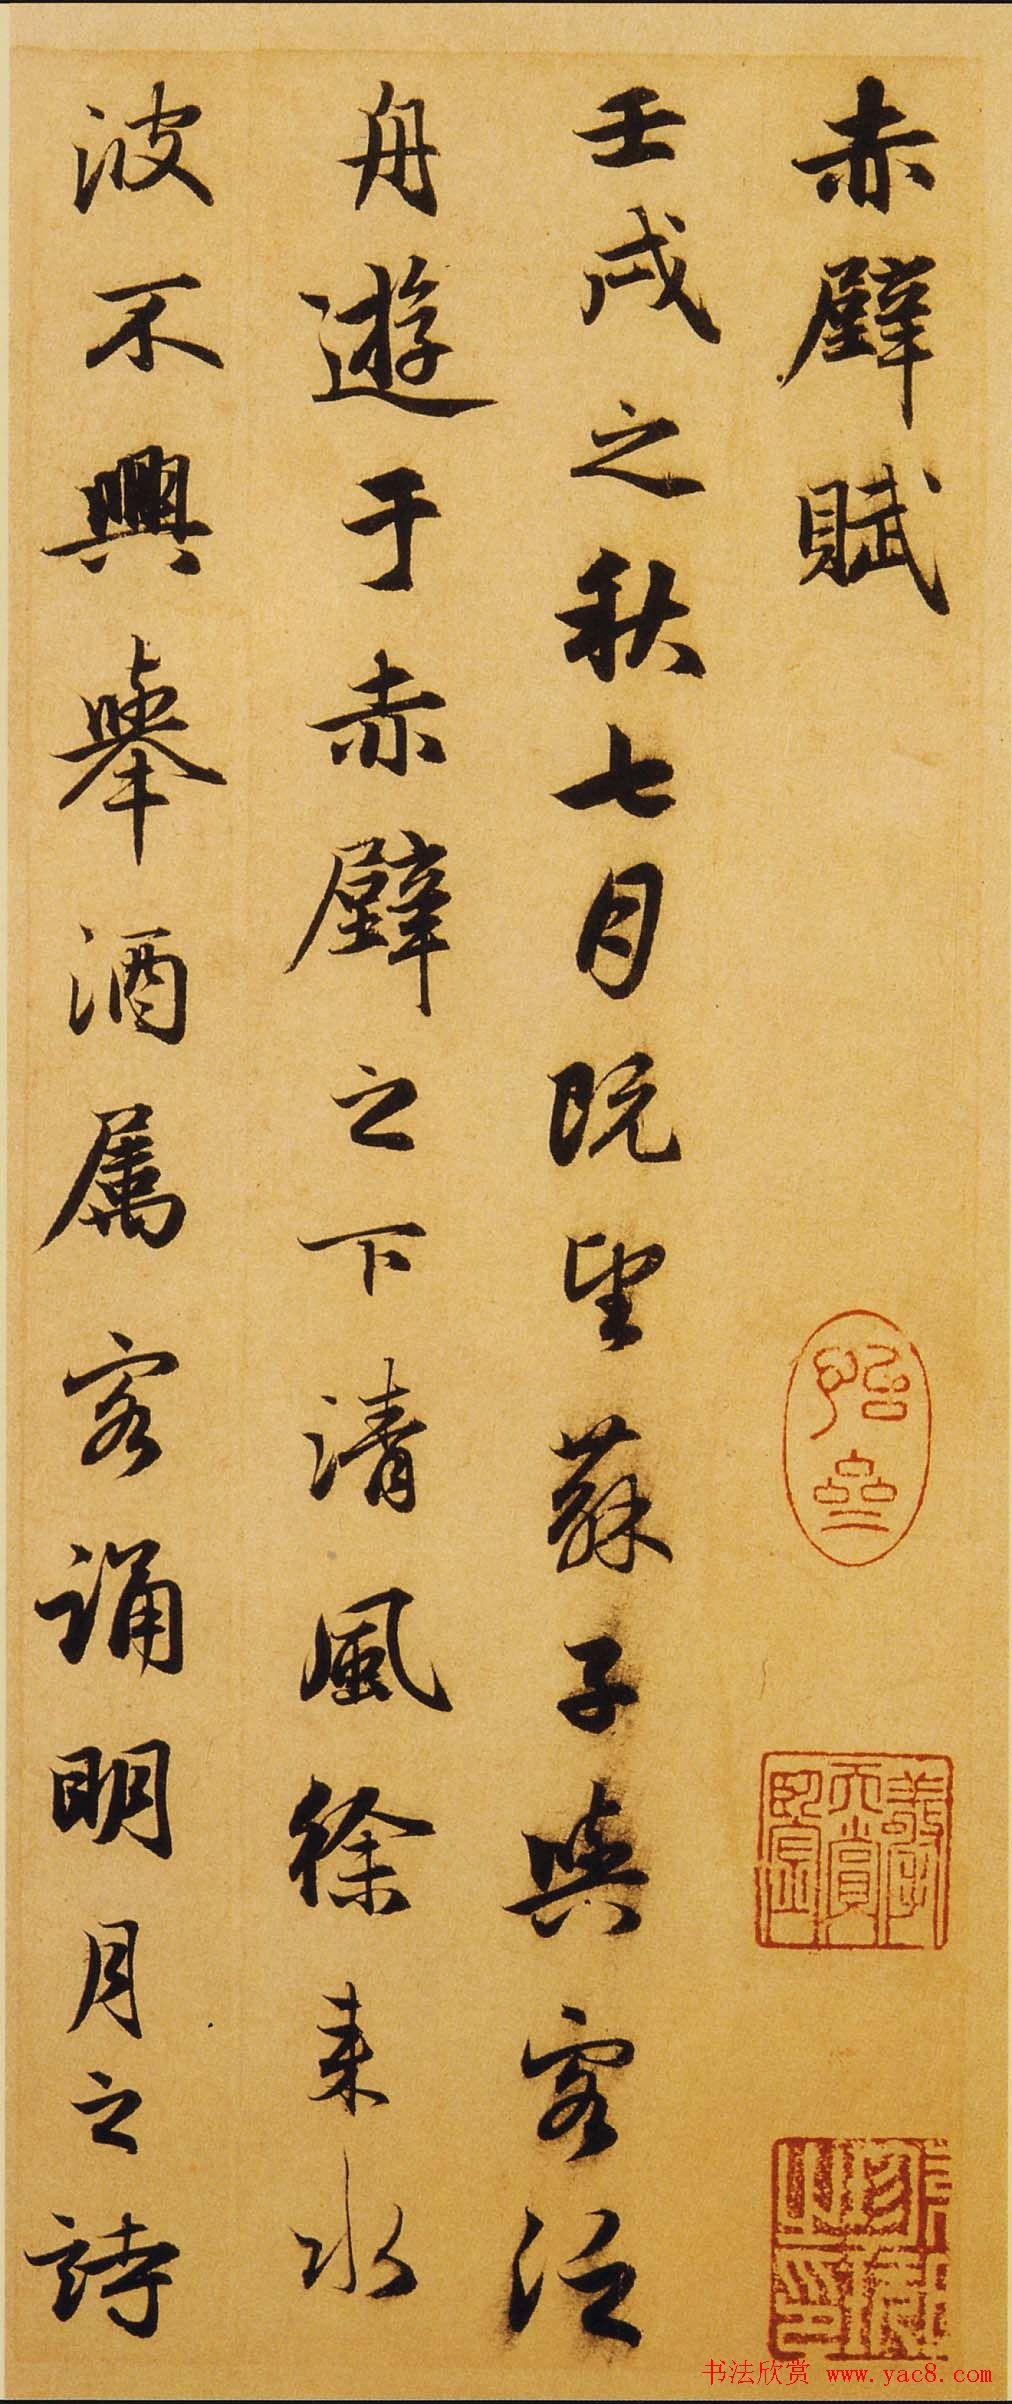 赵孟頫行书欣赏《赤壁二赋帖》高清版